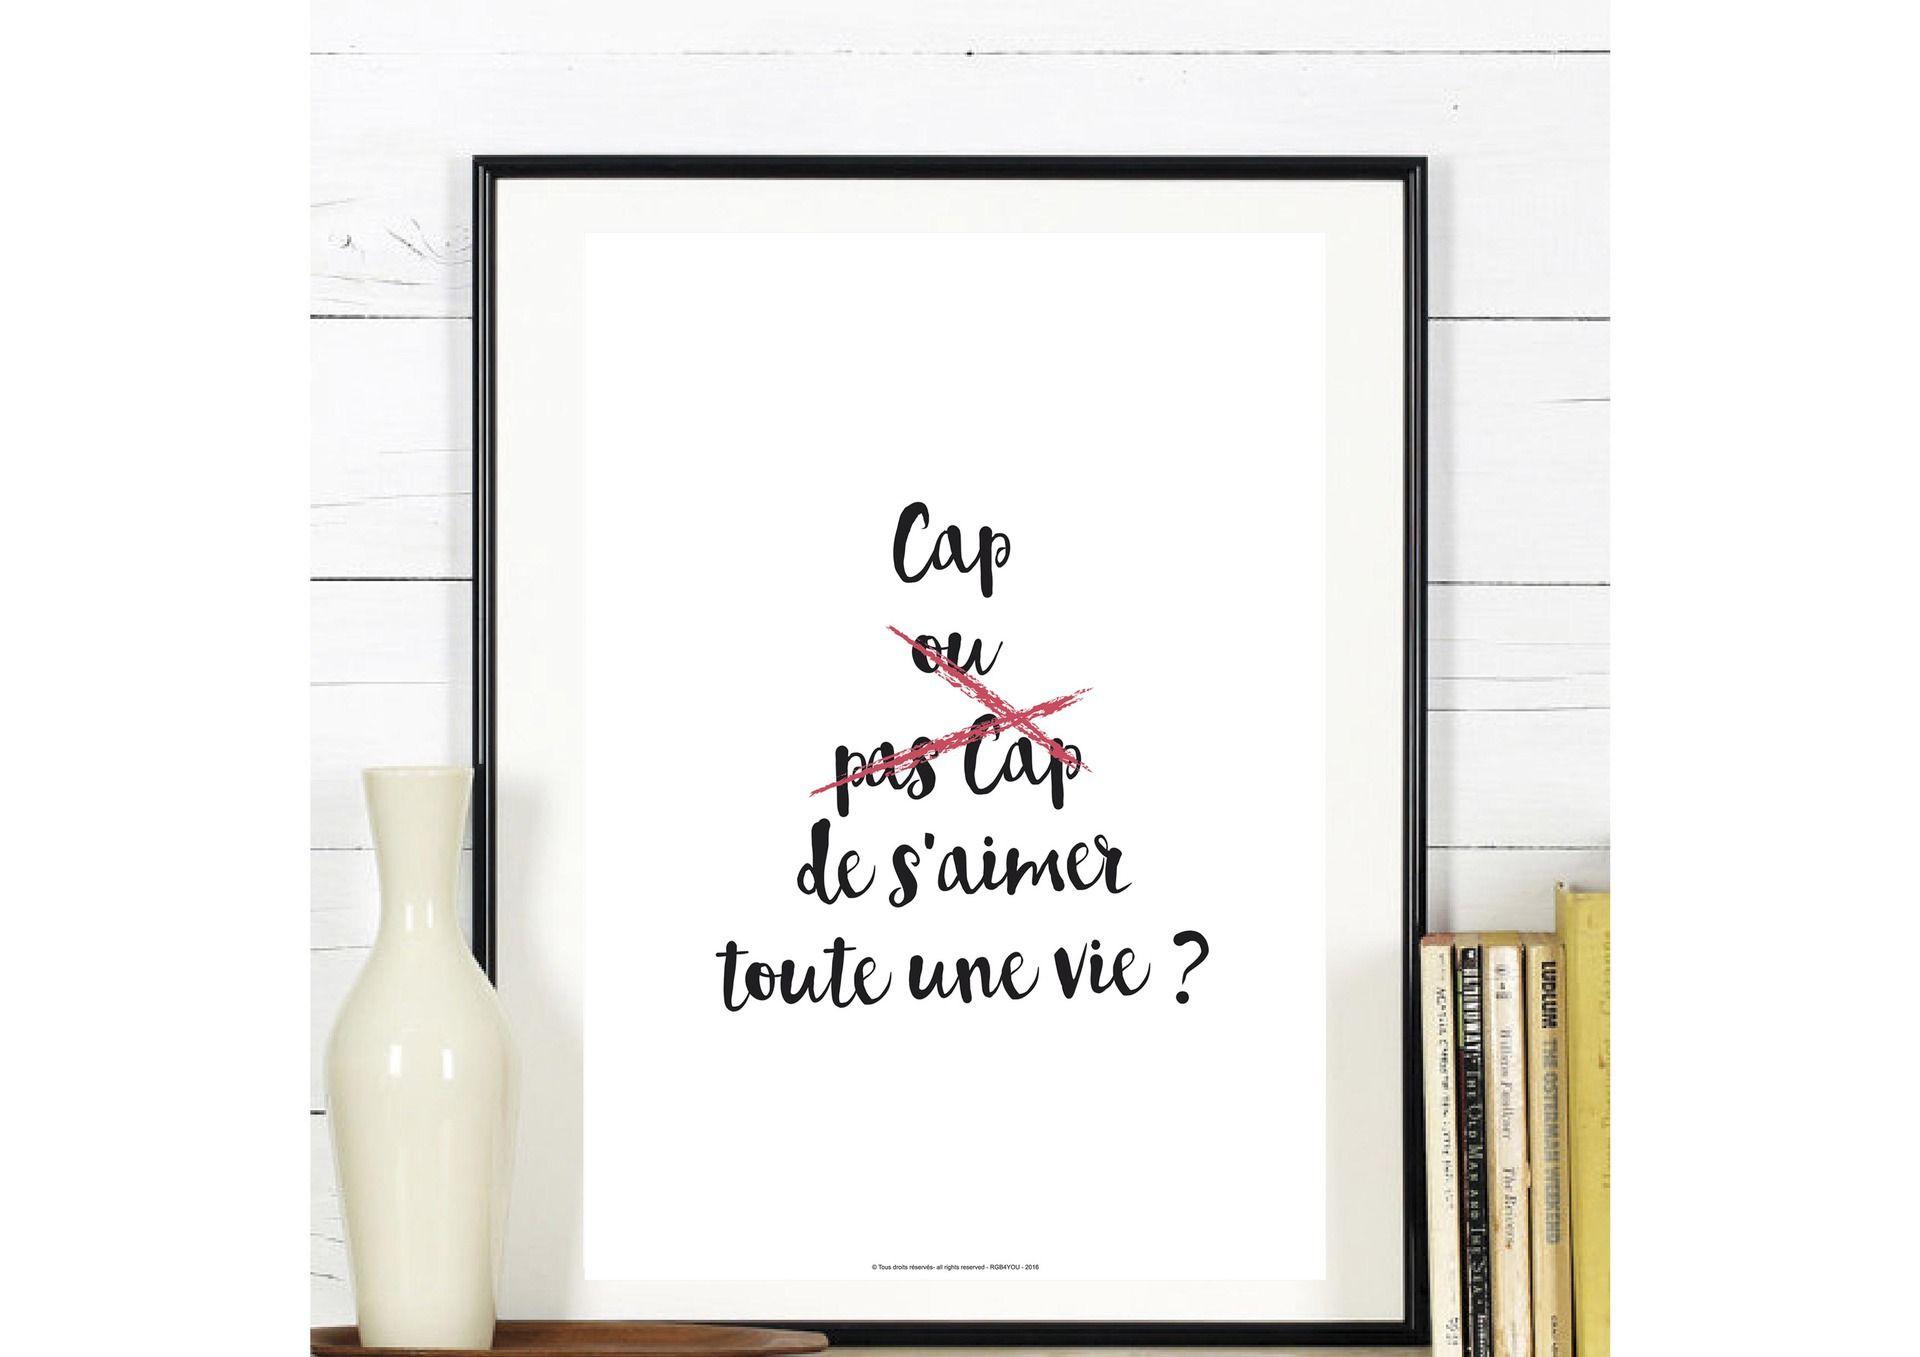 Affiche Collection 'Cap Ou Pas Cap' - A Télécharger ... concernant Cap Ou Pas Cap Ado Amour